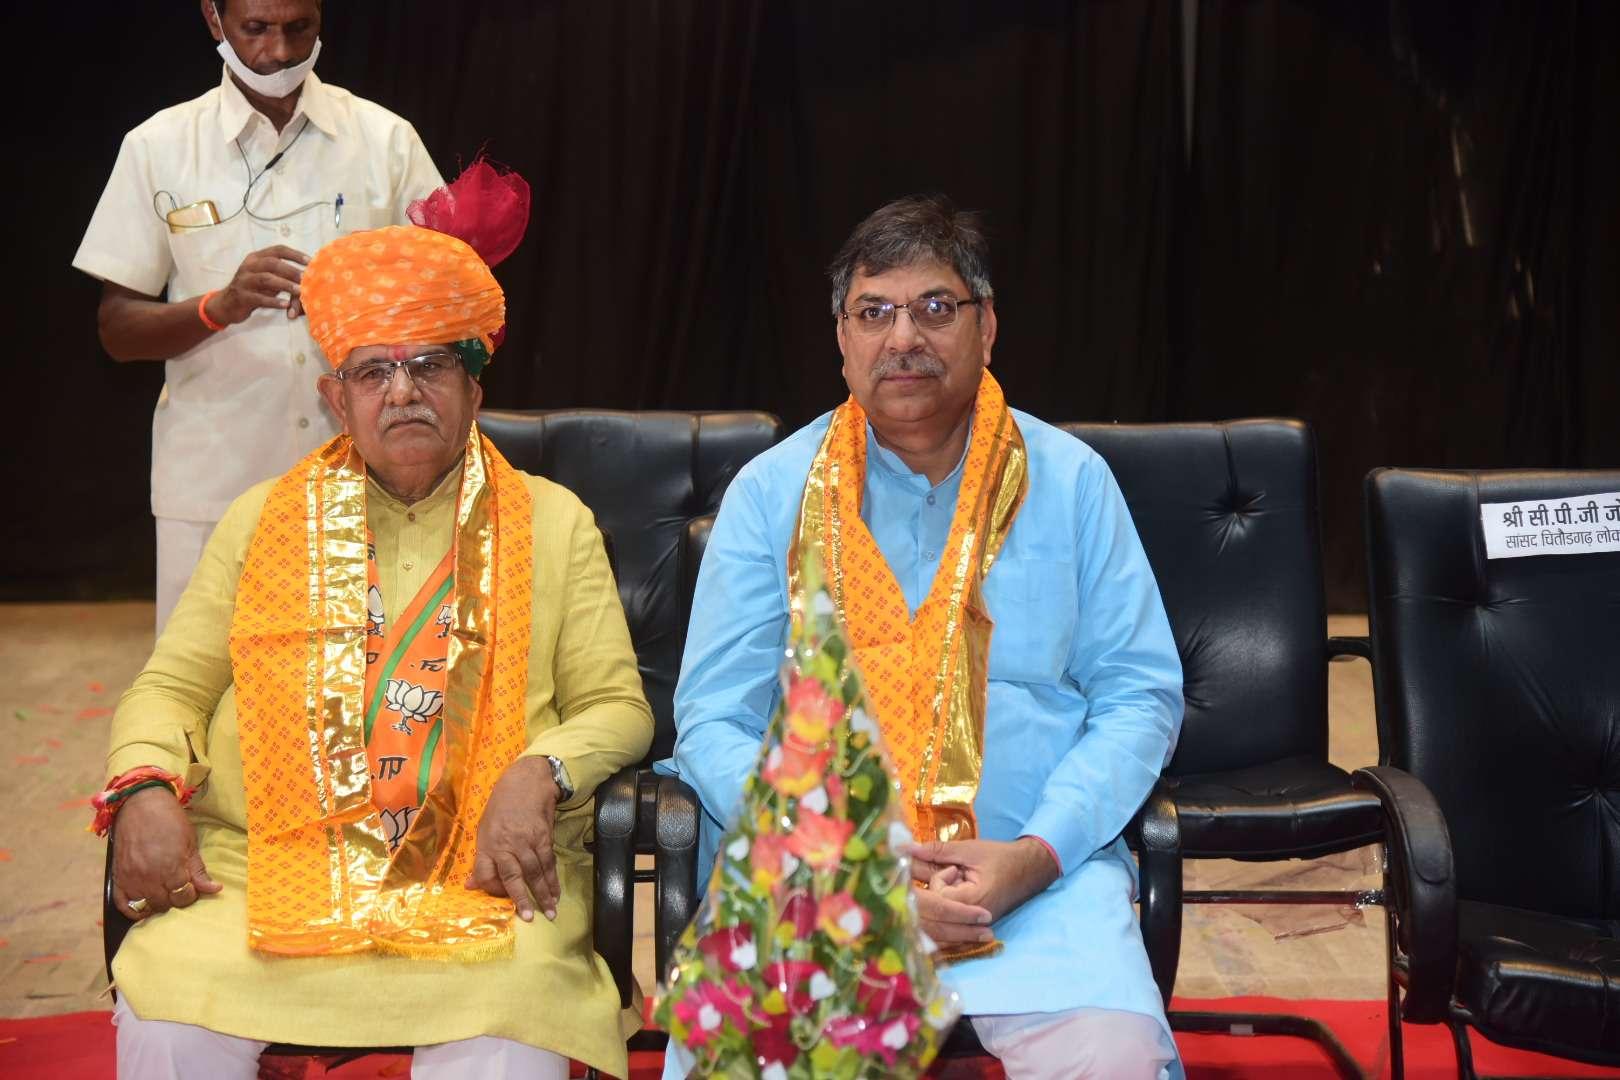 प्रतिपक्ष नेता गुलाबचंद कटारिया के जन्मदिन पर अभिनंदन समारोह में साथ में भाजपा प्रदेश अध्यक्ष डा सतीश पूनिया।